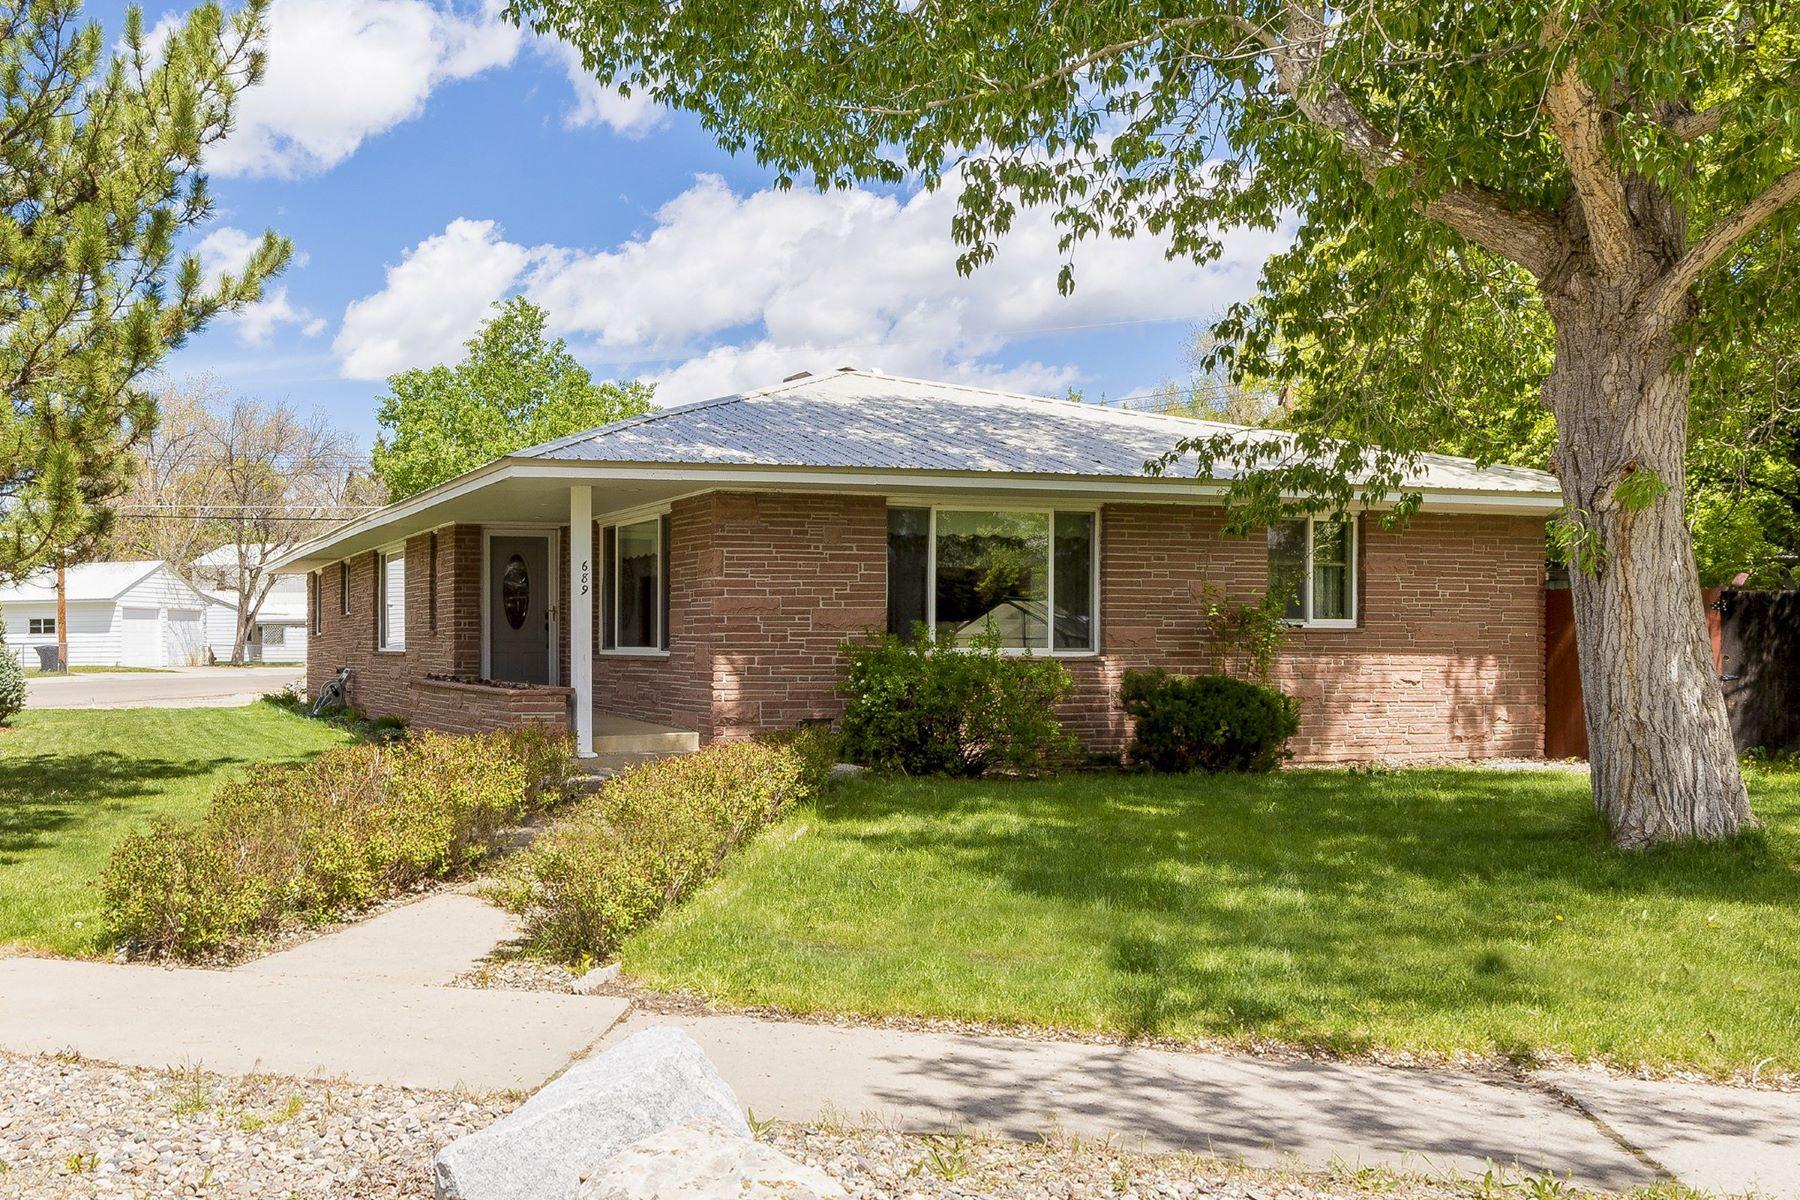 Maison unifamiliale pour l Vente à Immaculate Classic Mid-Century Ranch Home 689 Pershing St. Craig, Colorado 81625 États-Unis